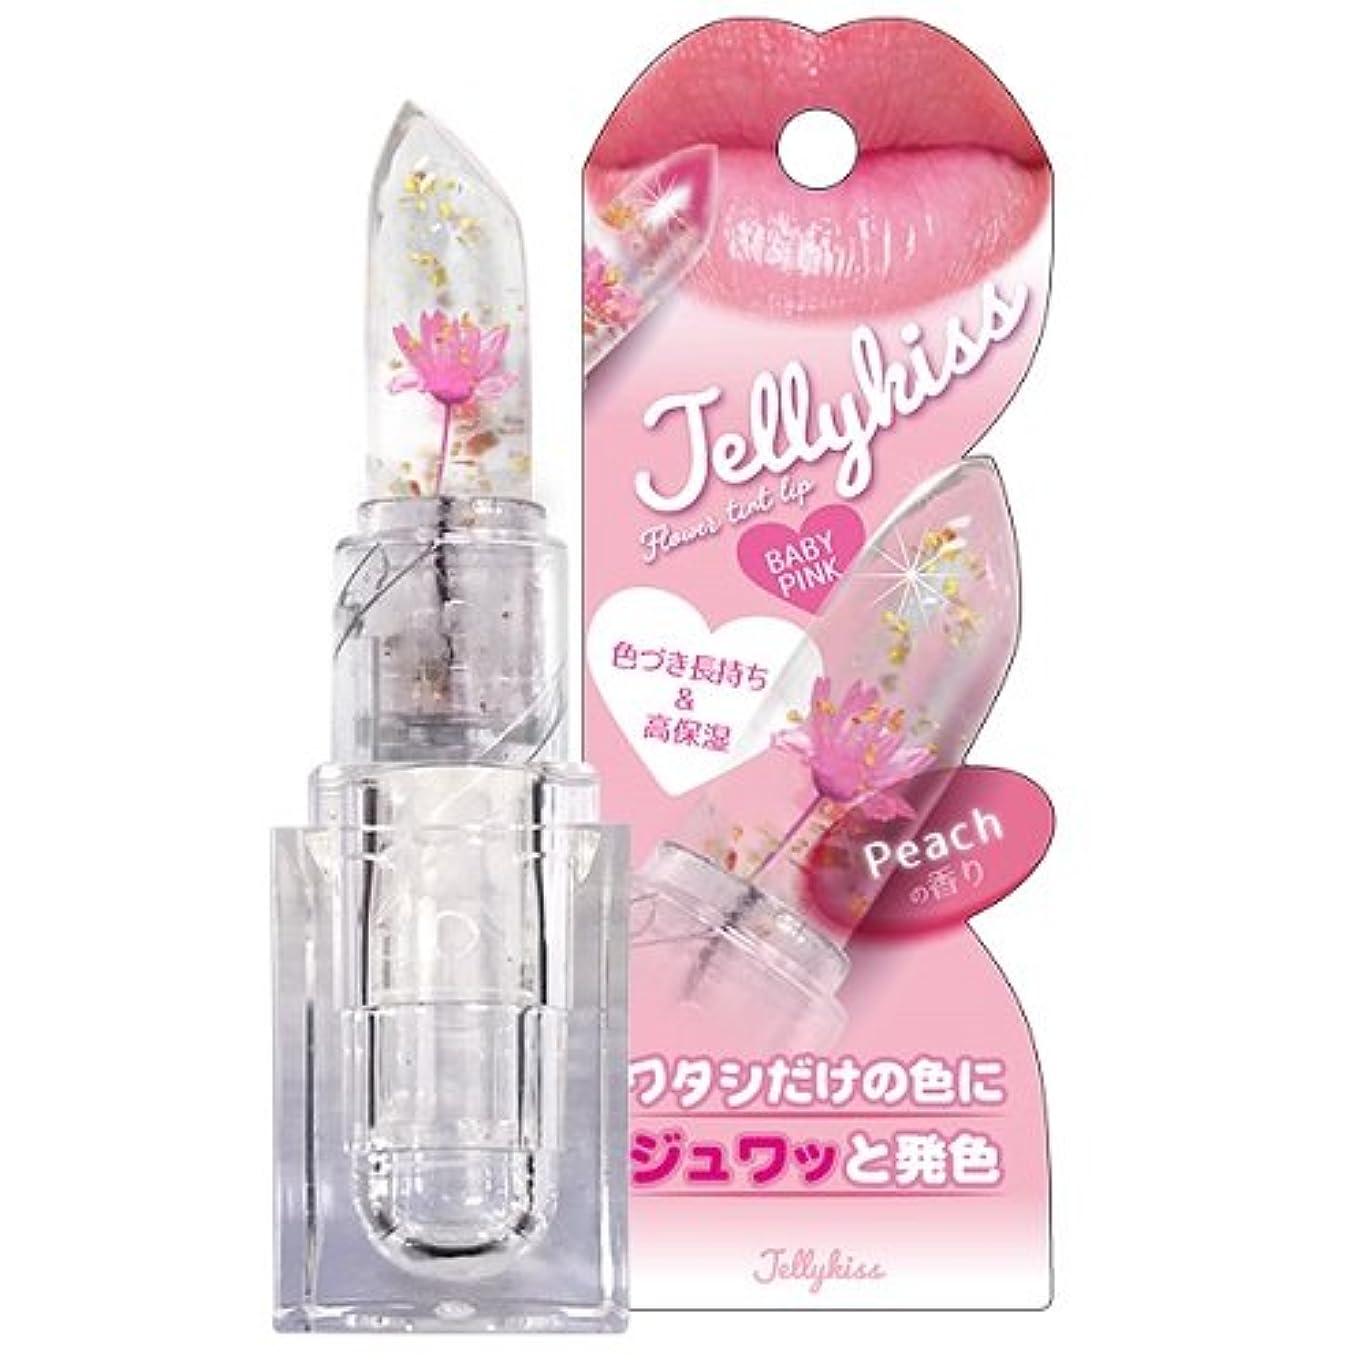 ジェリキス (Jelly kiss) 03 ベビーピンク 3.5g